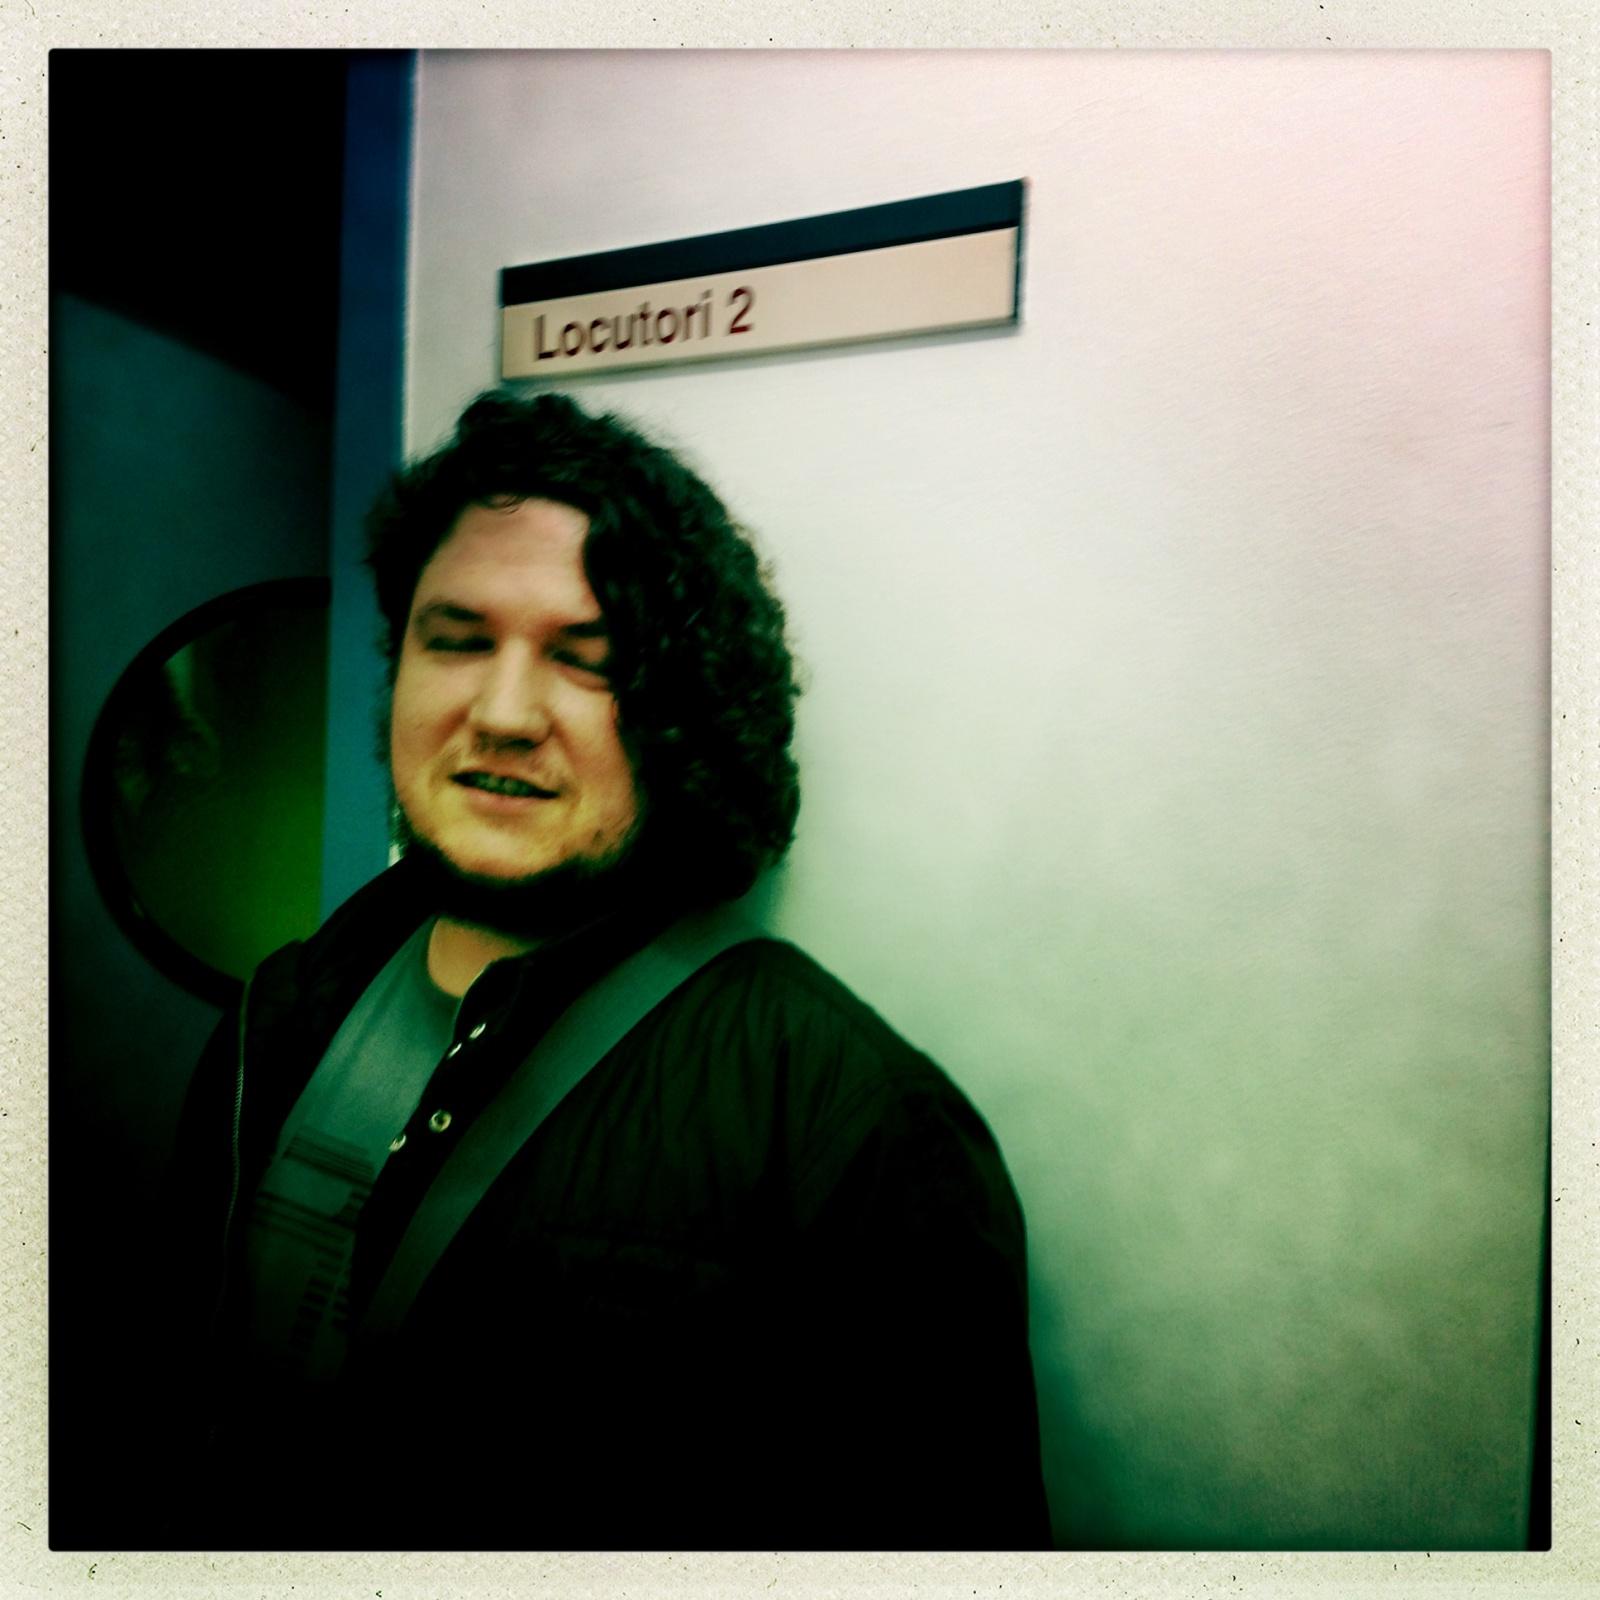 L'Elias Porter és el nostre músic de la setmana